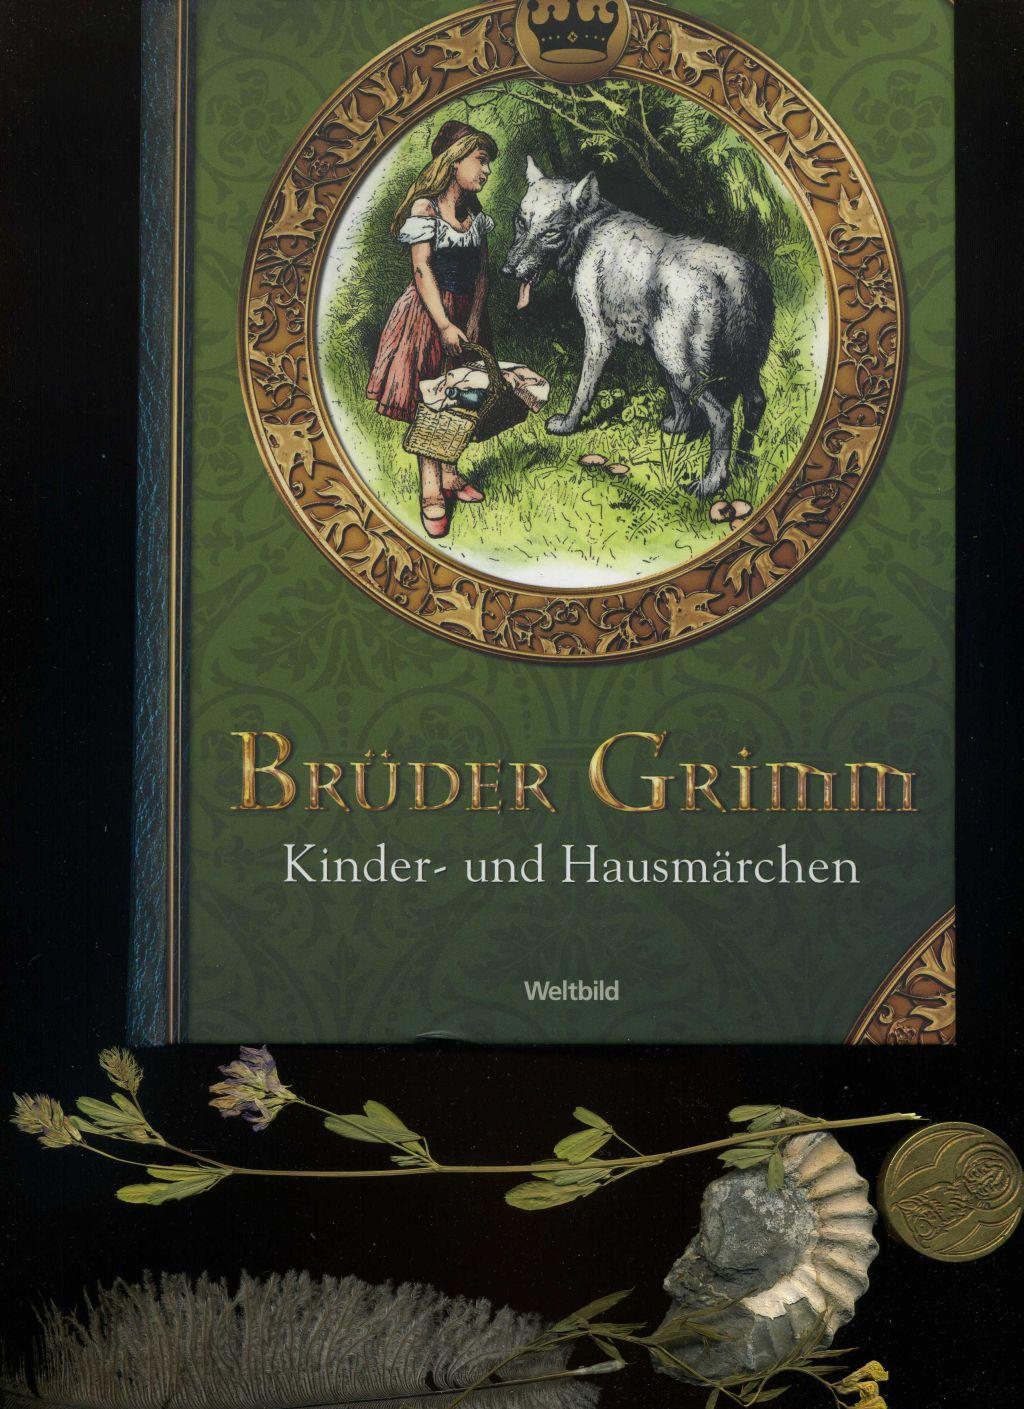 Brüder Grimm Kinder- und Hausmärchen In der: Brüder Grimm: